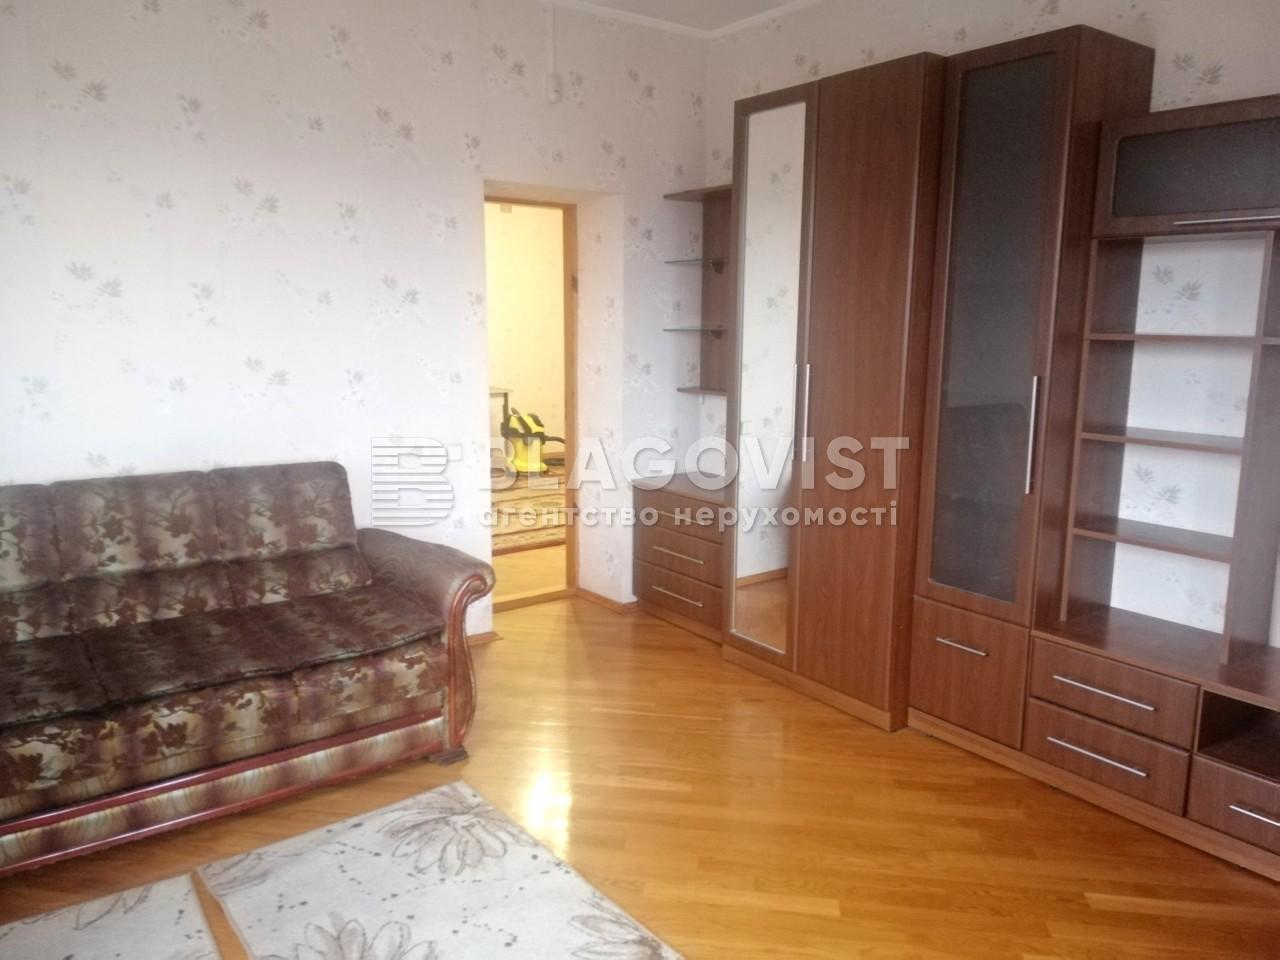 Будинок Z-611211, Військова, Київ - Фото 6